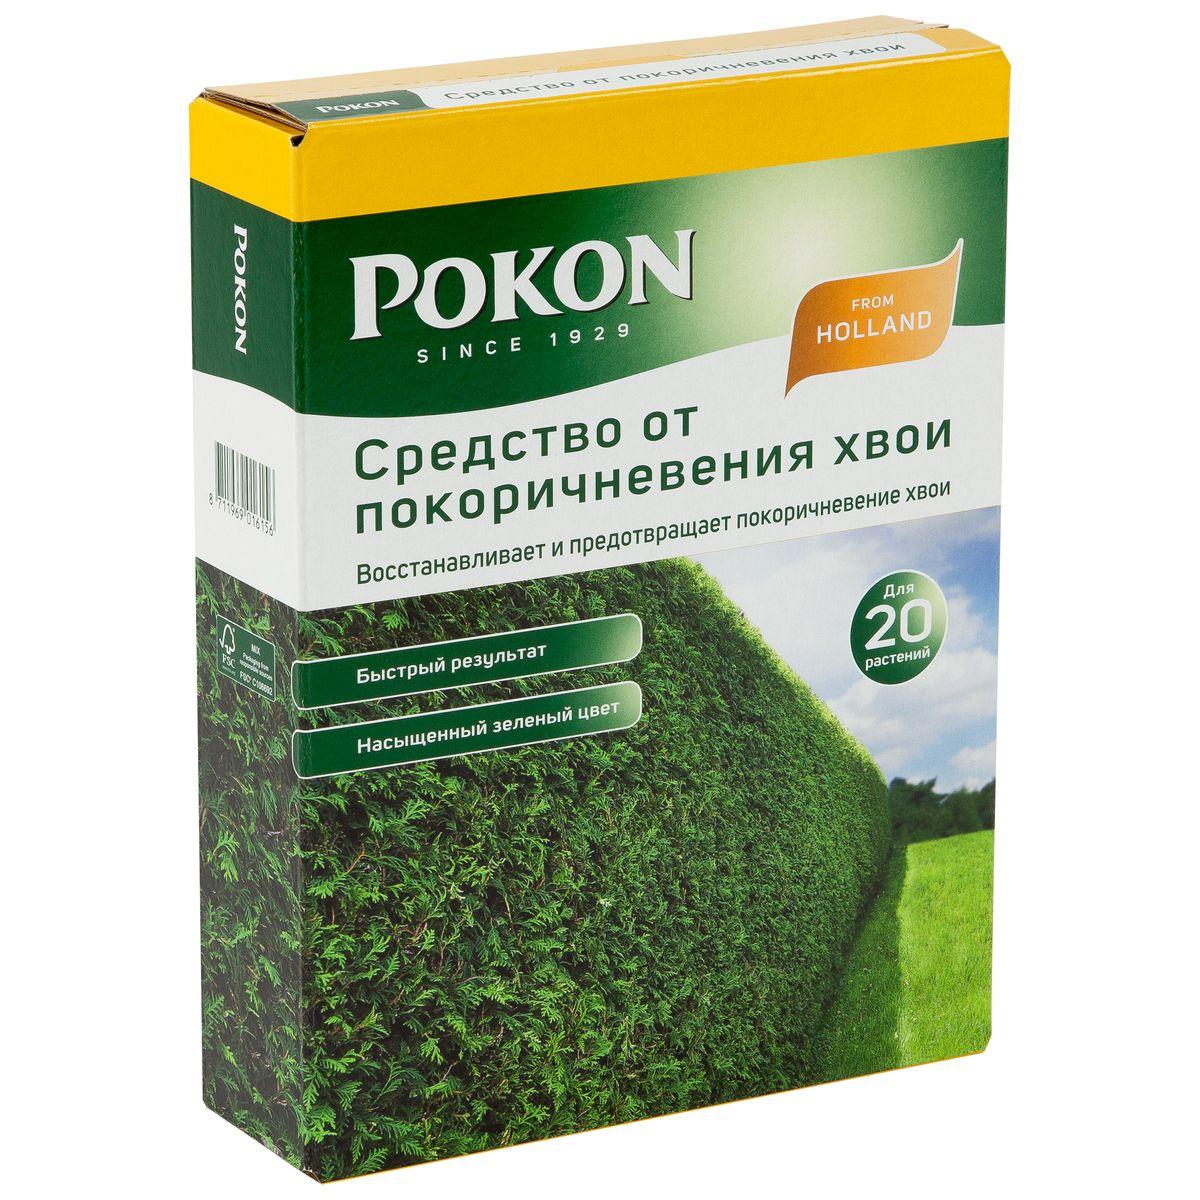 Удобрение Pokon для хвойных растений от покоричневения, 1 кг8711969016156Удобрение Pokon для хвойных растений от покоричневения: Если вечнозеленые растения меняют цвет на желтовато-бурый или коричневый, это обычно свидетельствует о дефиците магния. Проблему можно решить с помощью специального удобрения Pokon. Оно восстанавливает уровень магния в растениях, возвращая им естественный зеленый цвет. Инструкция по применению: - Вносите удобрение 1 раз в год, с марта по август. - Отмерьте нужное количество удобрения мерной ложечкой: для профилактики дефицита магния — 50 г на 1 кв. м (для хвойных растений) или 20 г на 1 кв. м (для других вечнозеленых растений); для восстановления покоричневевшей хвои — 150 г на 1 кв. м. - Равномерно насыпьте гранулы вокруг каждого растения или вдоль живой изгороди. - Смешайте гранулы с верхним слоем грунта. - Полейте грунт, и удобрение немедленно начнет действовать. - При необходимости повторите подкормку через 4–6 недель. Состав: 16% — оксид магния (MgO). Удобрение...